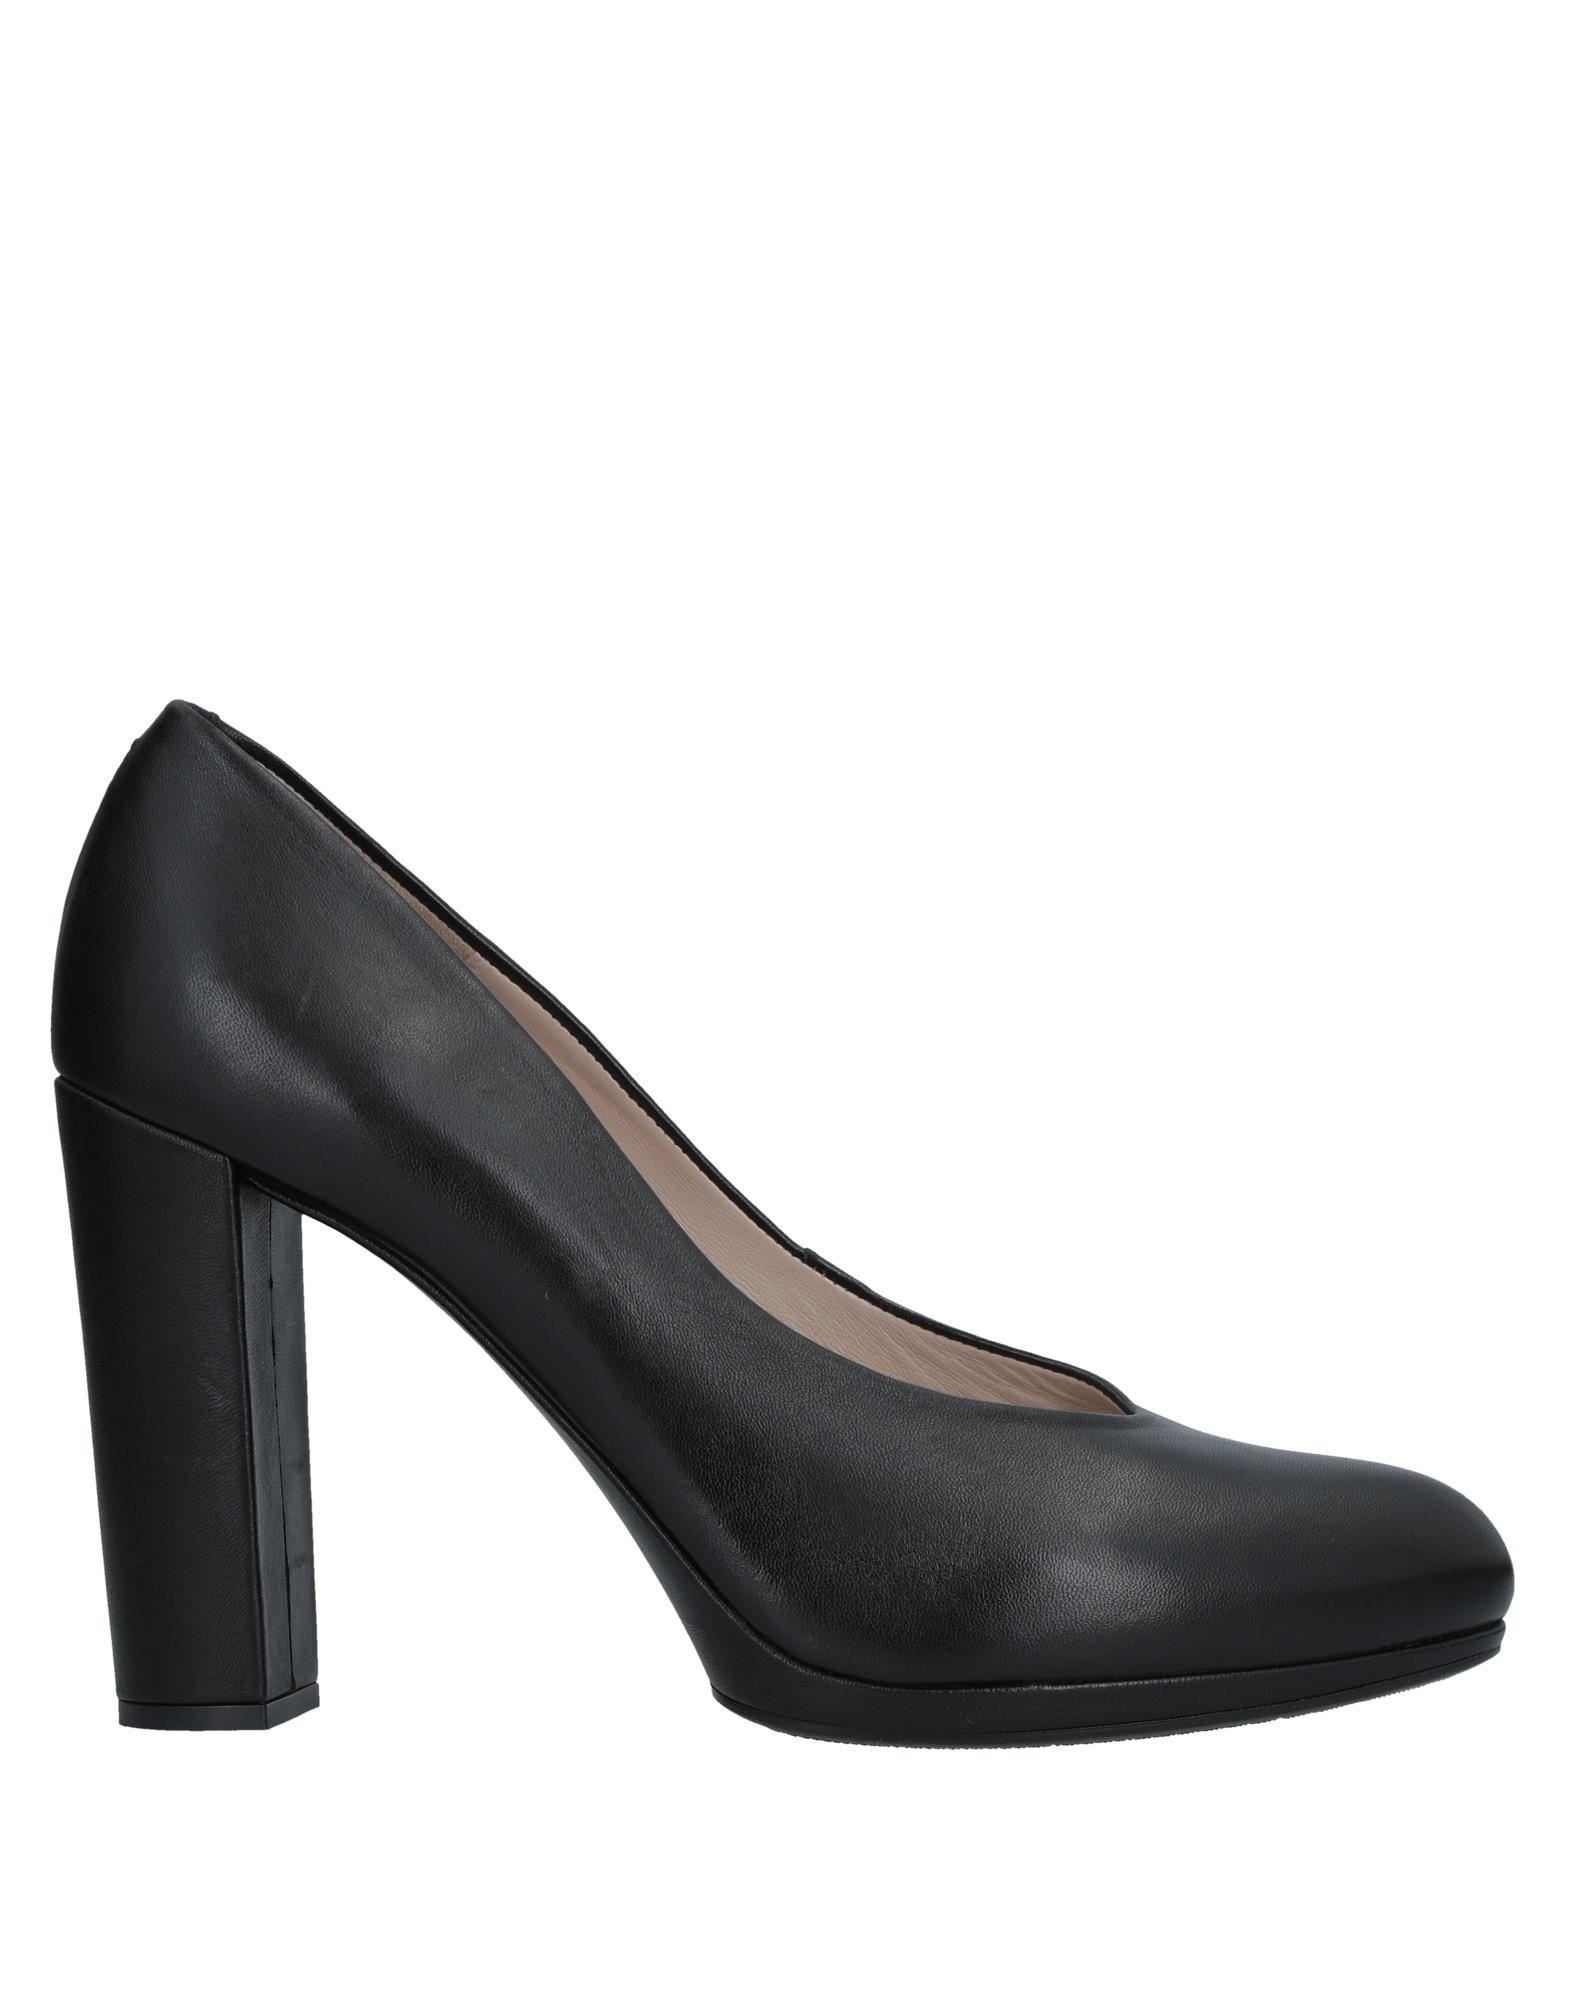 Casual Salones salvaje Zapato De Salón Unisa Mujer - Salones Casual Unisa  Negro 0db989